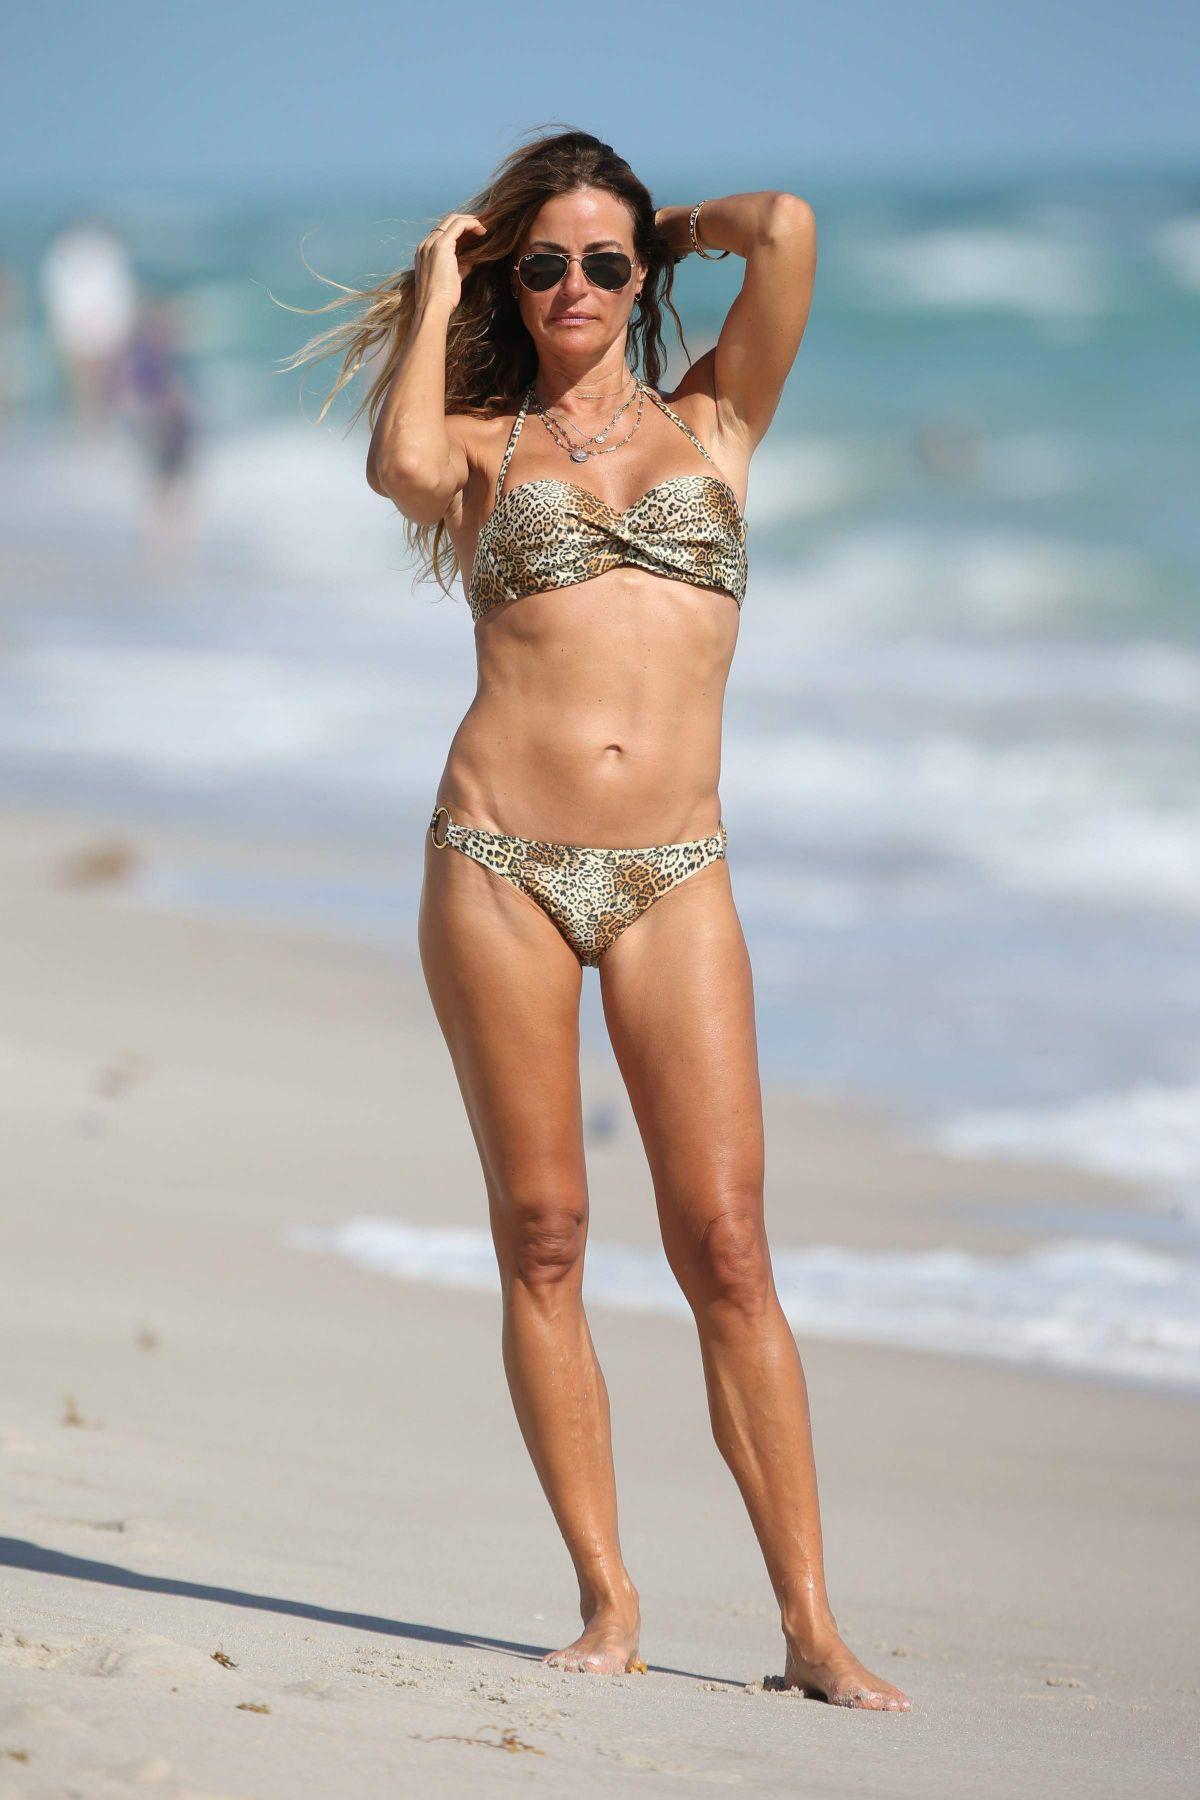 Cassie scerbo nude fakes